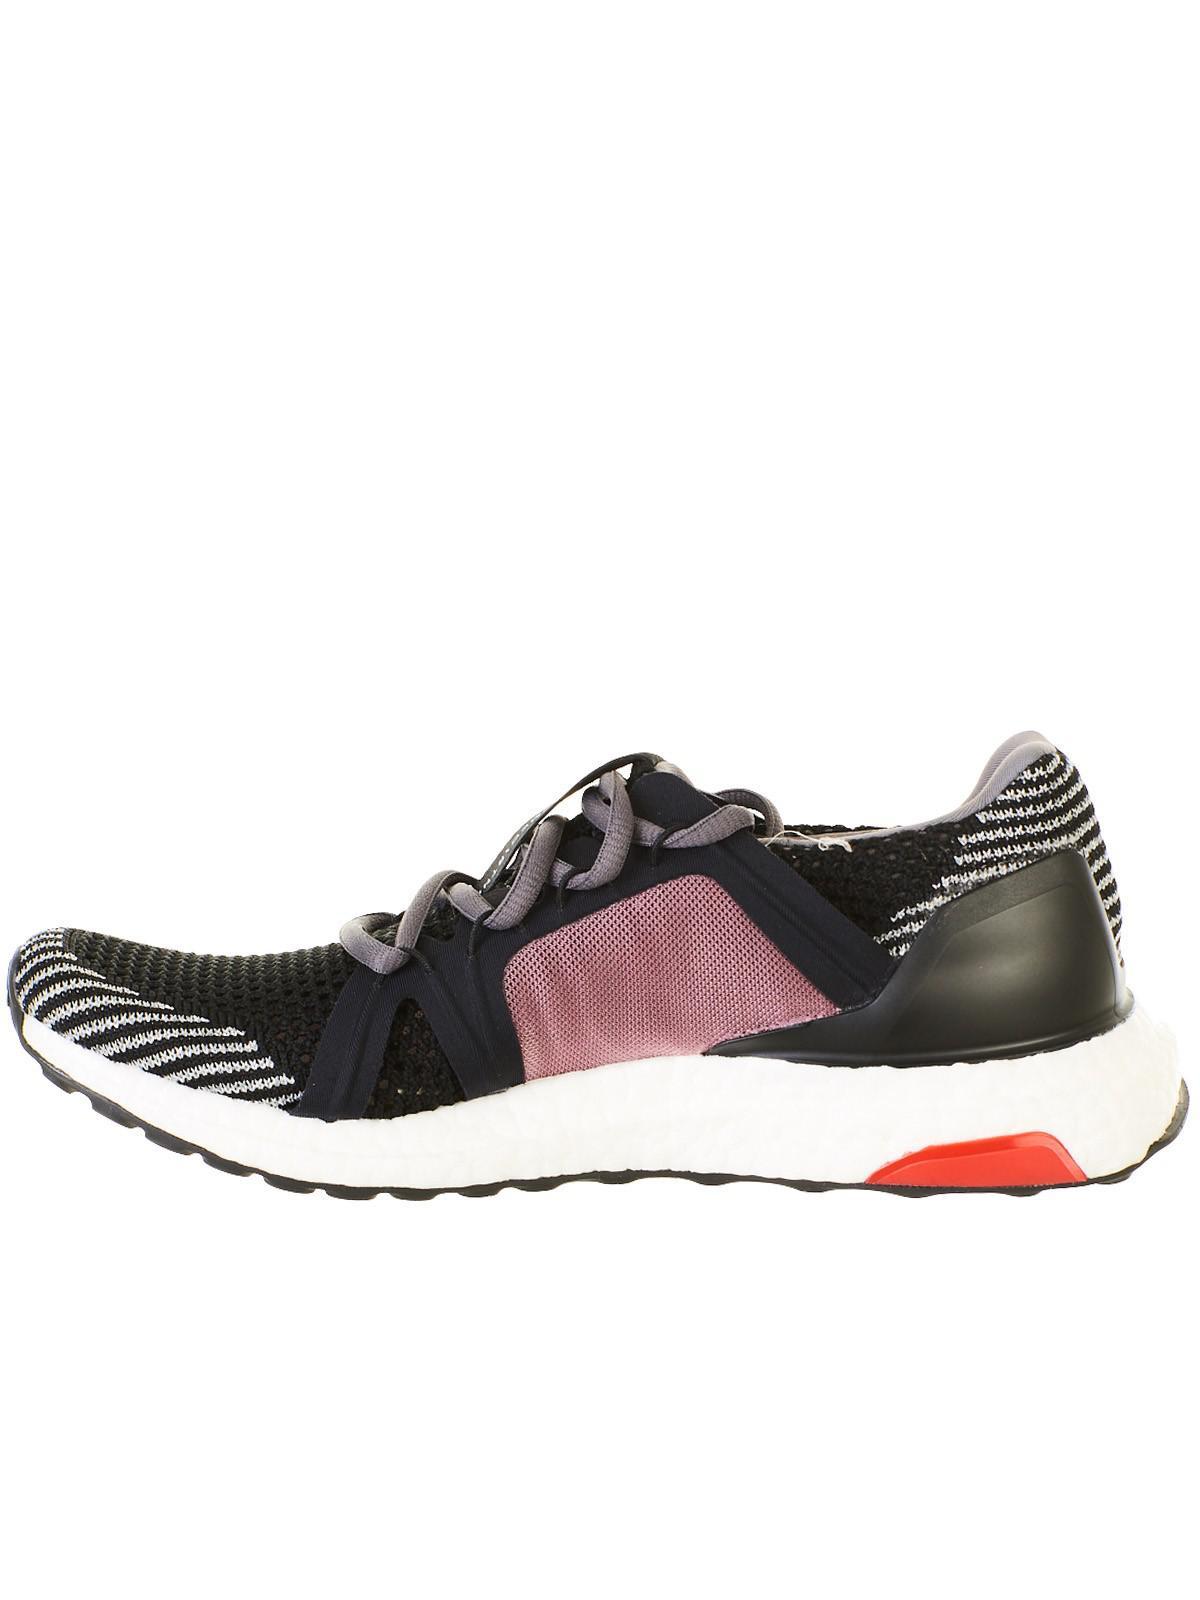 a03c06c10e0 Lyst - Adidas By Stella Mccartney Sneaker Ultraboost Nera